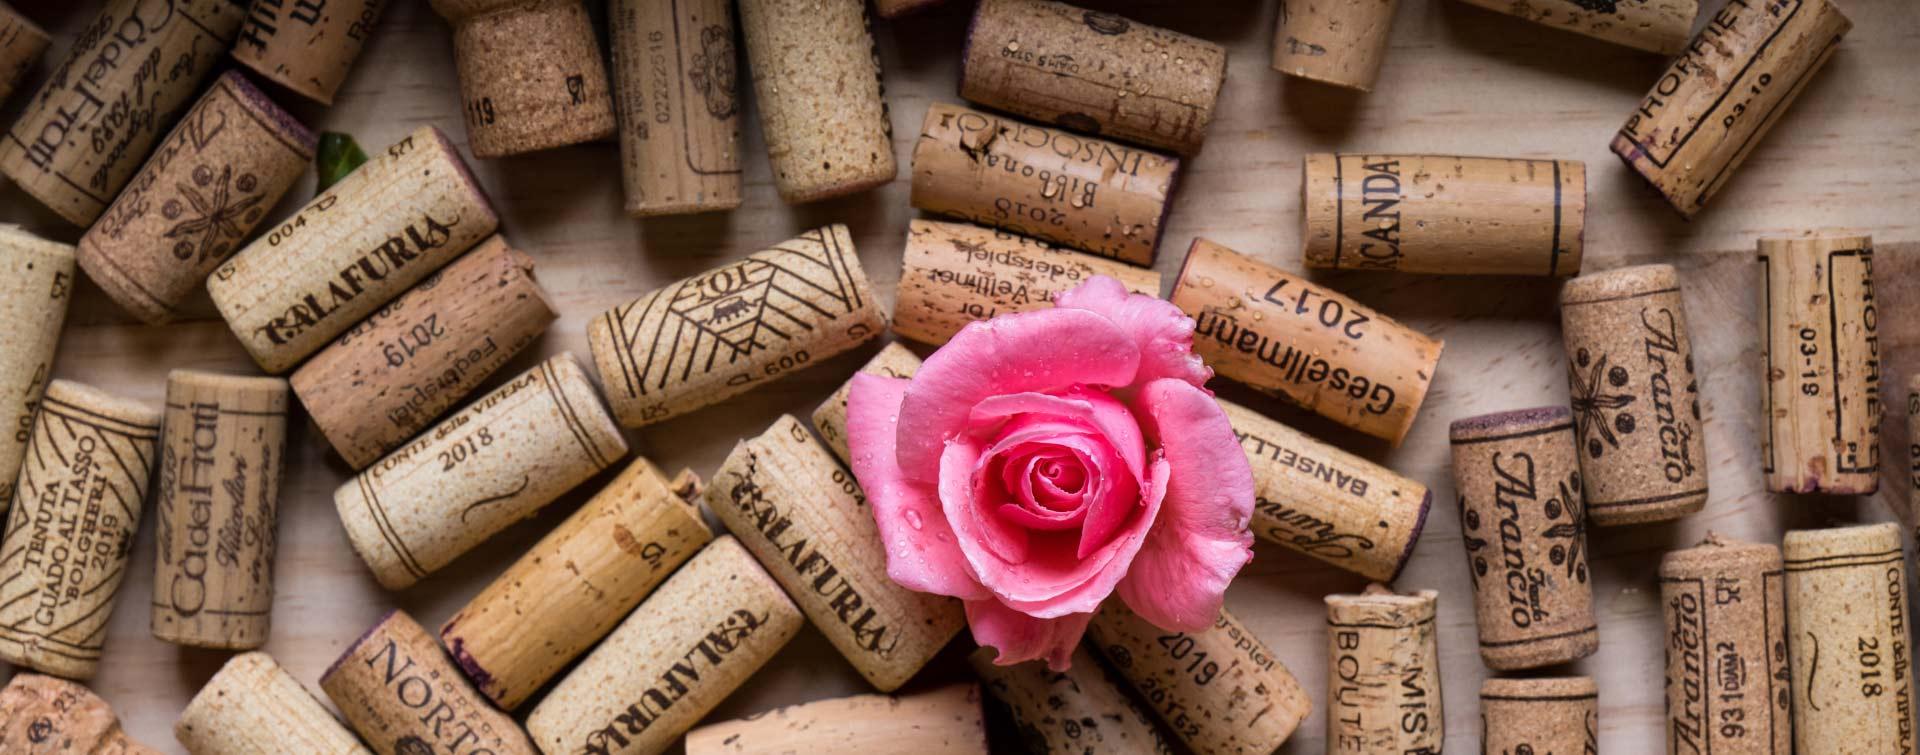 Eine rosa Blume vor mehreren Weinkorken.